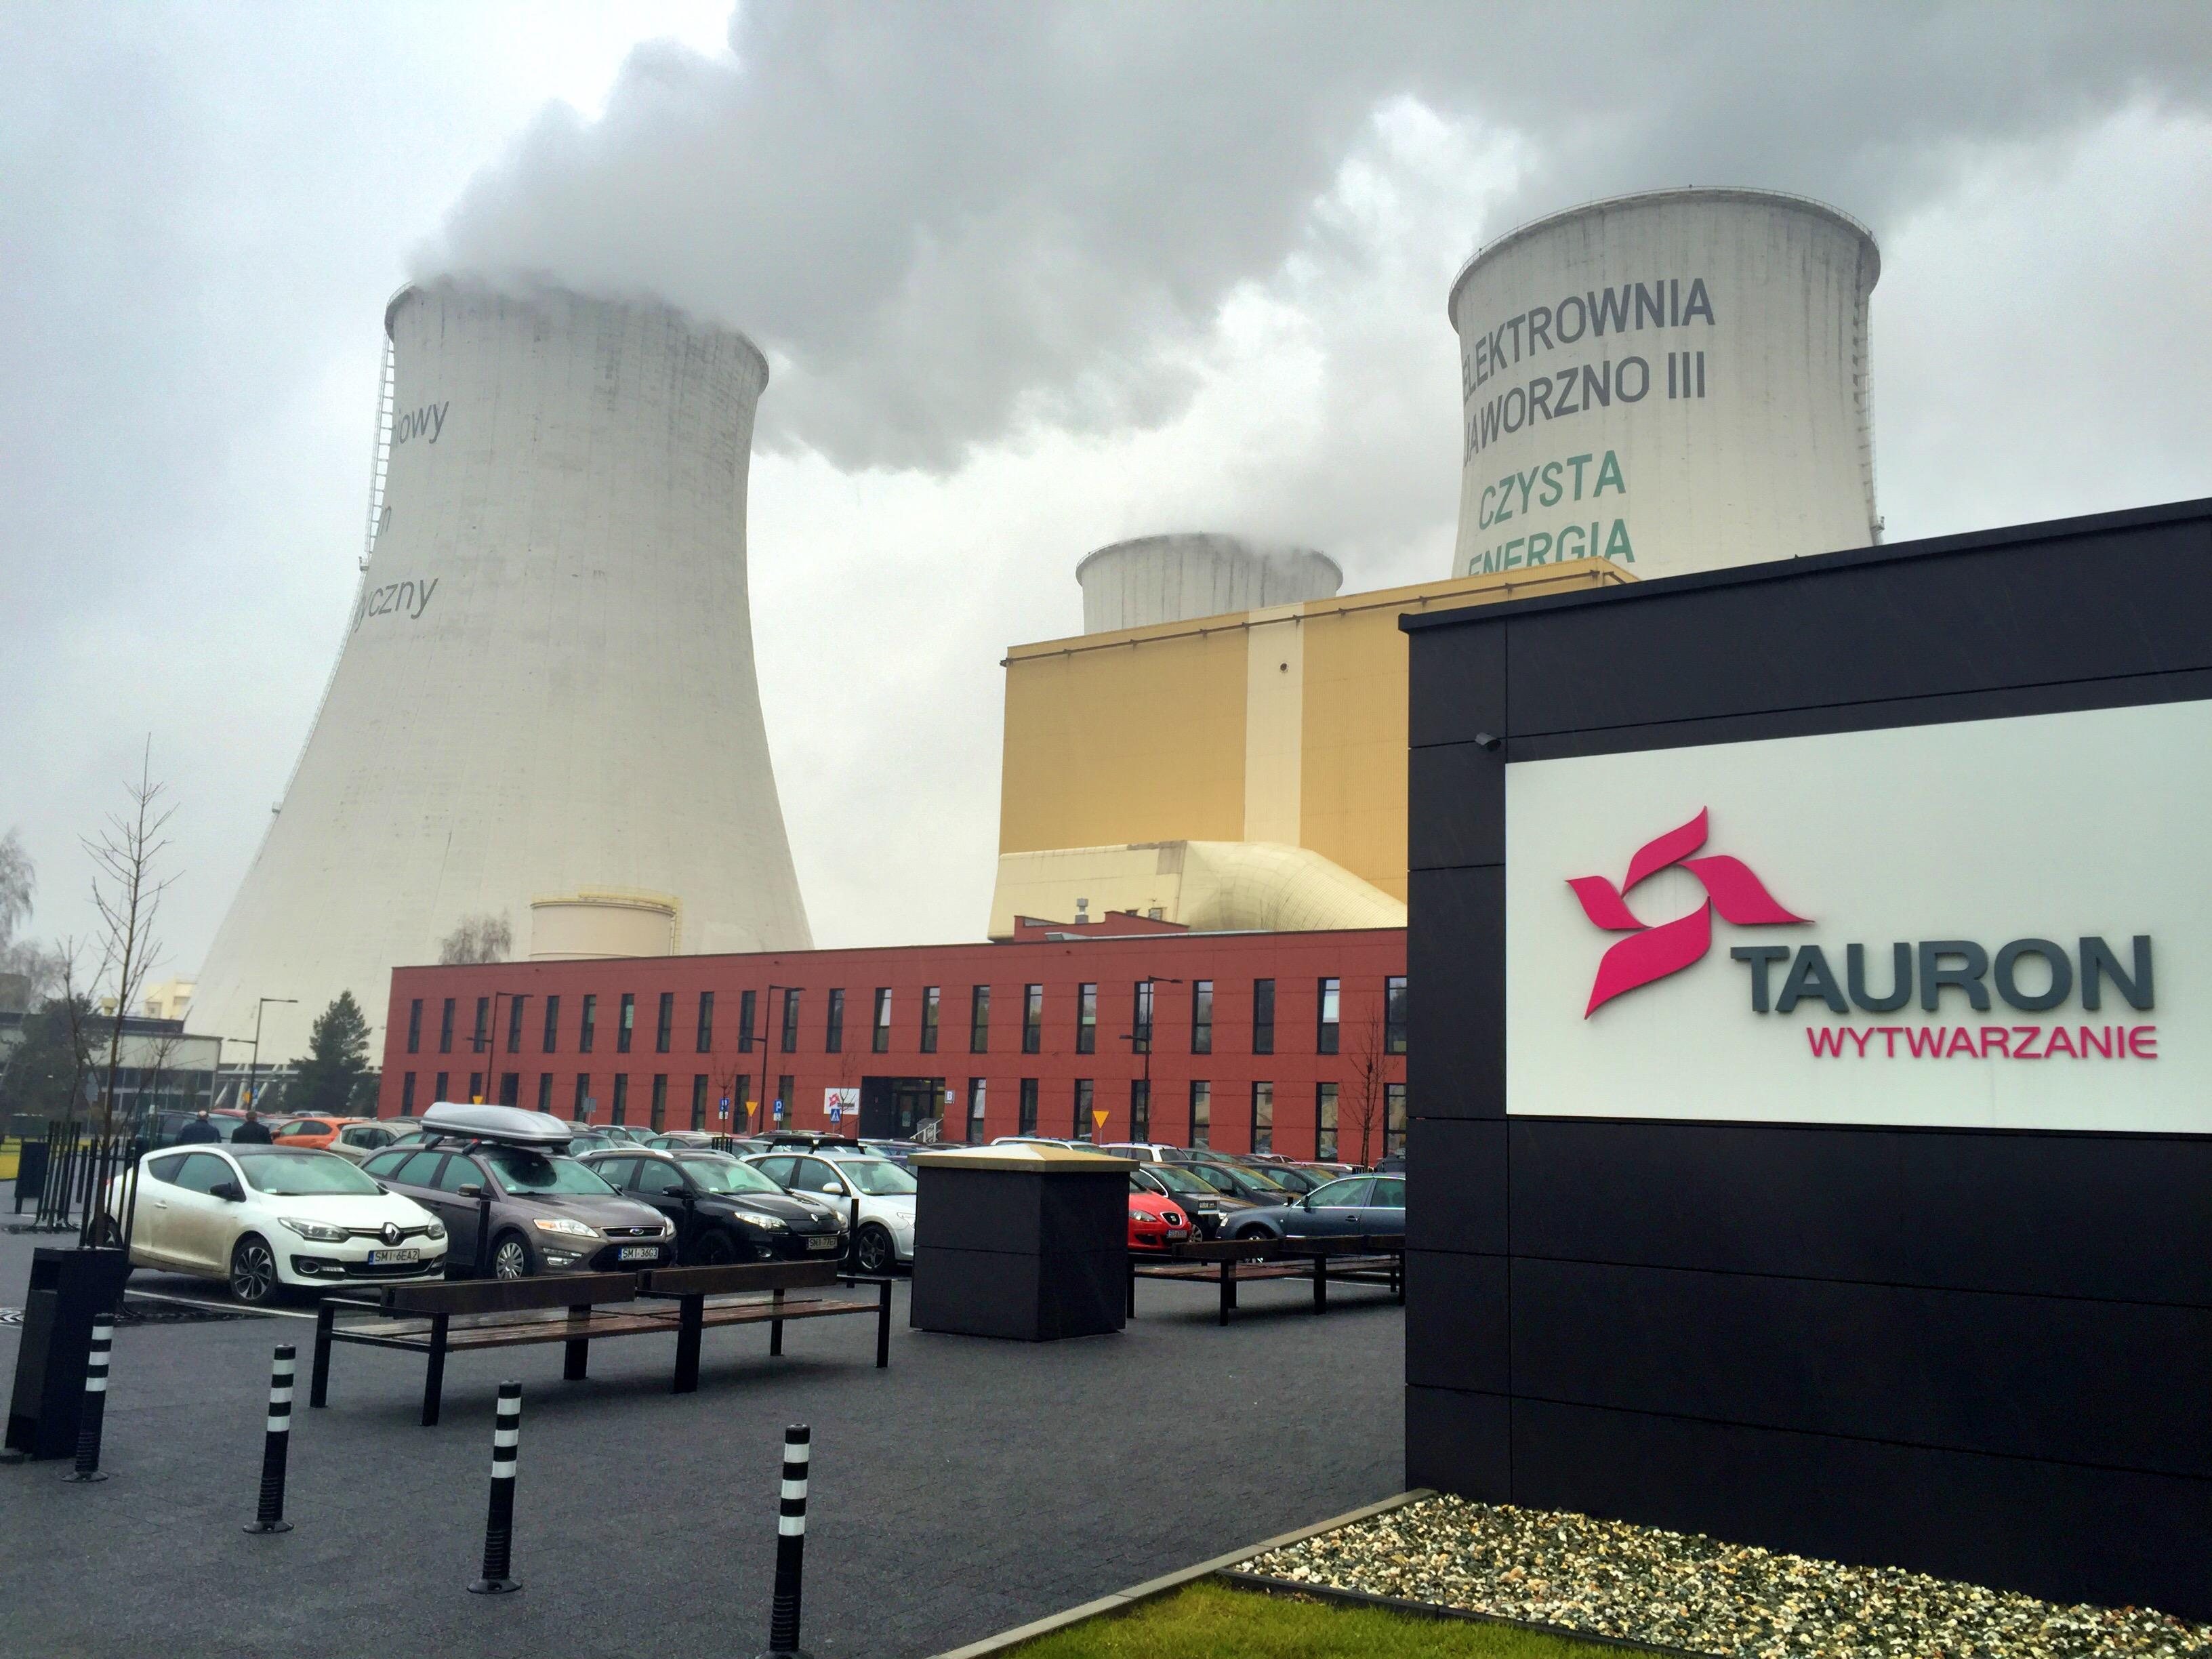 TAURON_Wytwarzanie_Siedziba_Elektrownia Jaworzno III